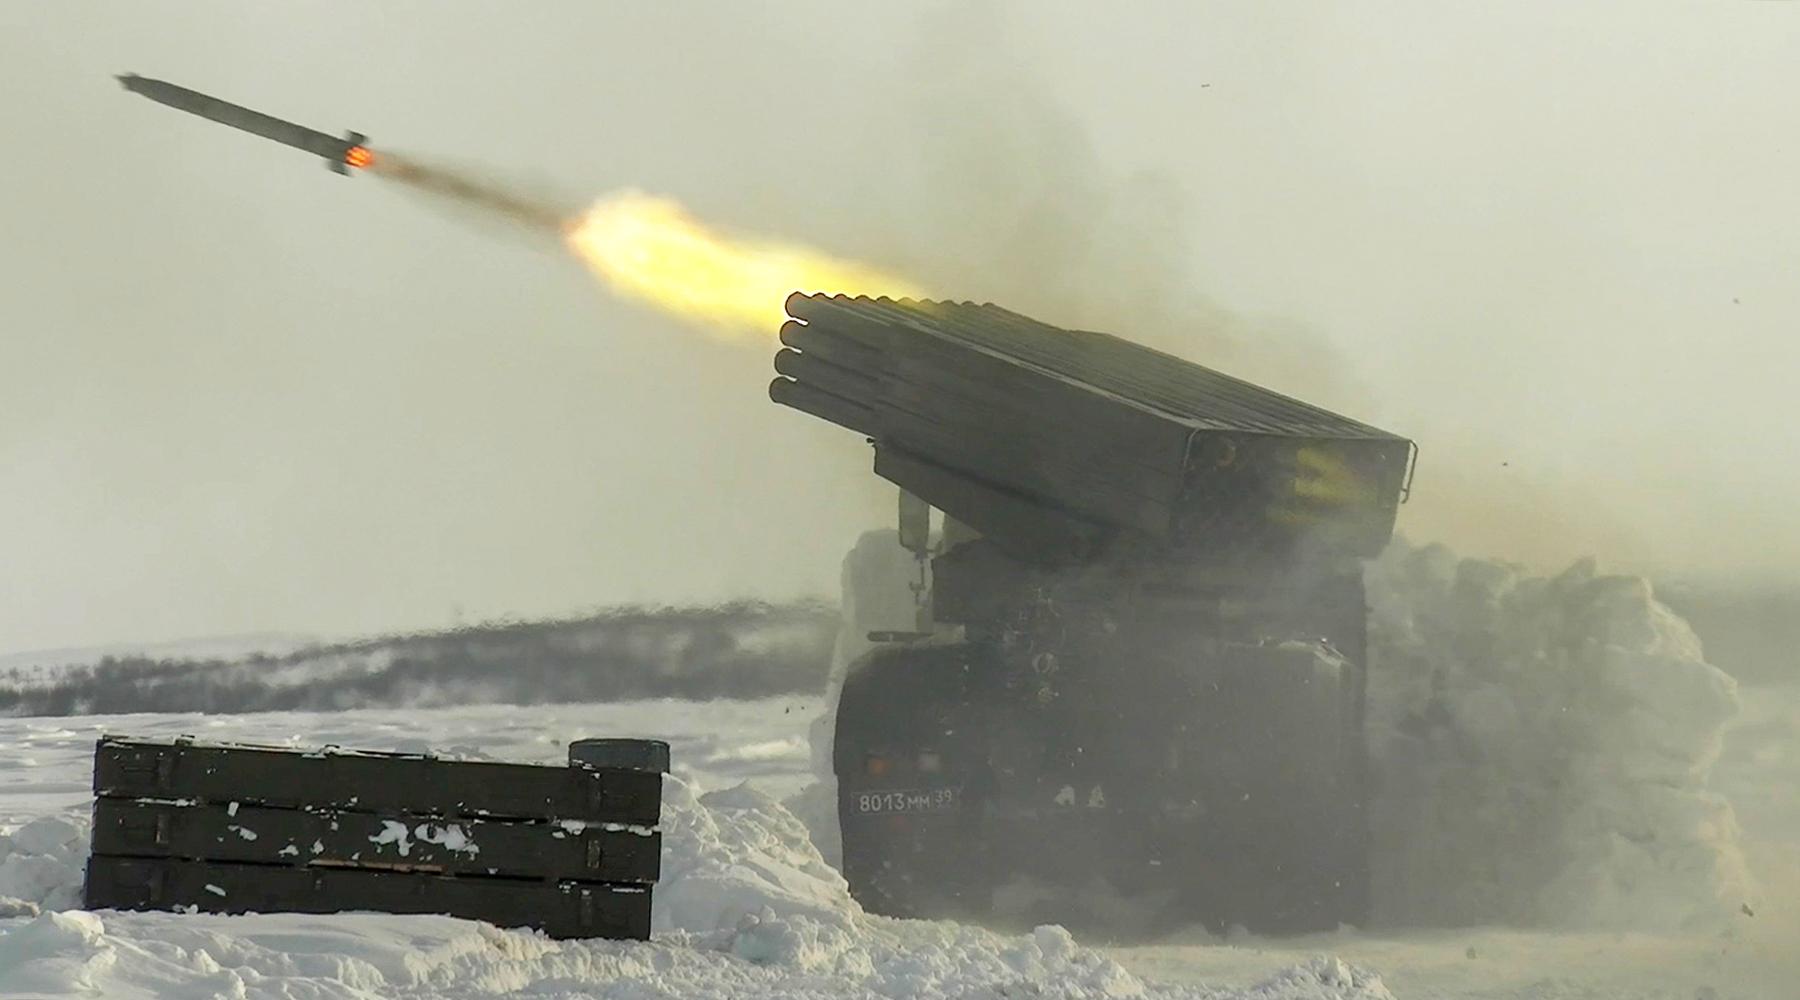 «Лёгкое и мобильное средство поражения»: зачем в России создаётся малокалиберная система залпового огня2